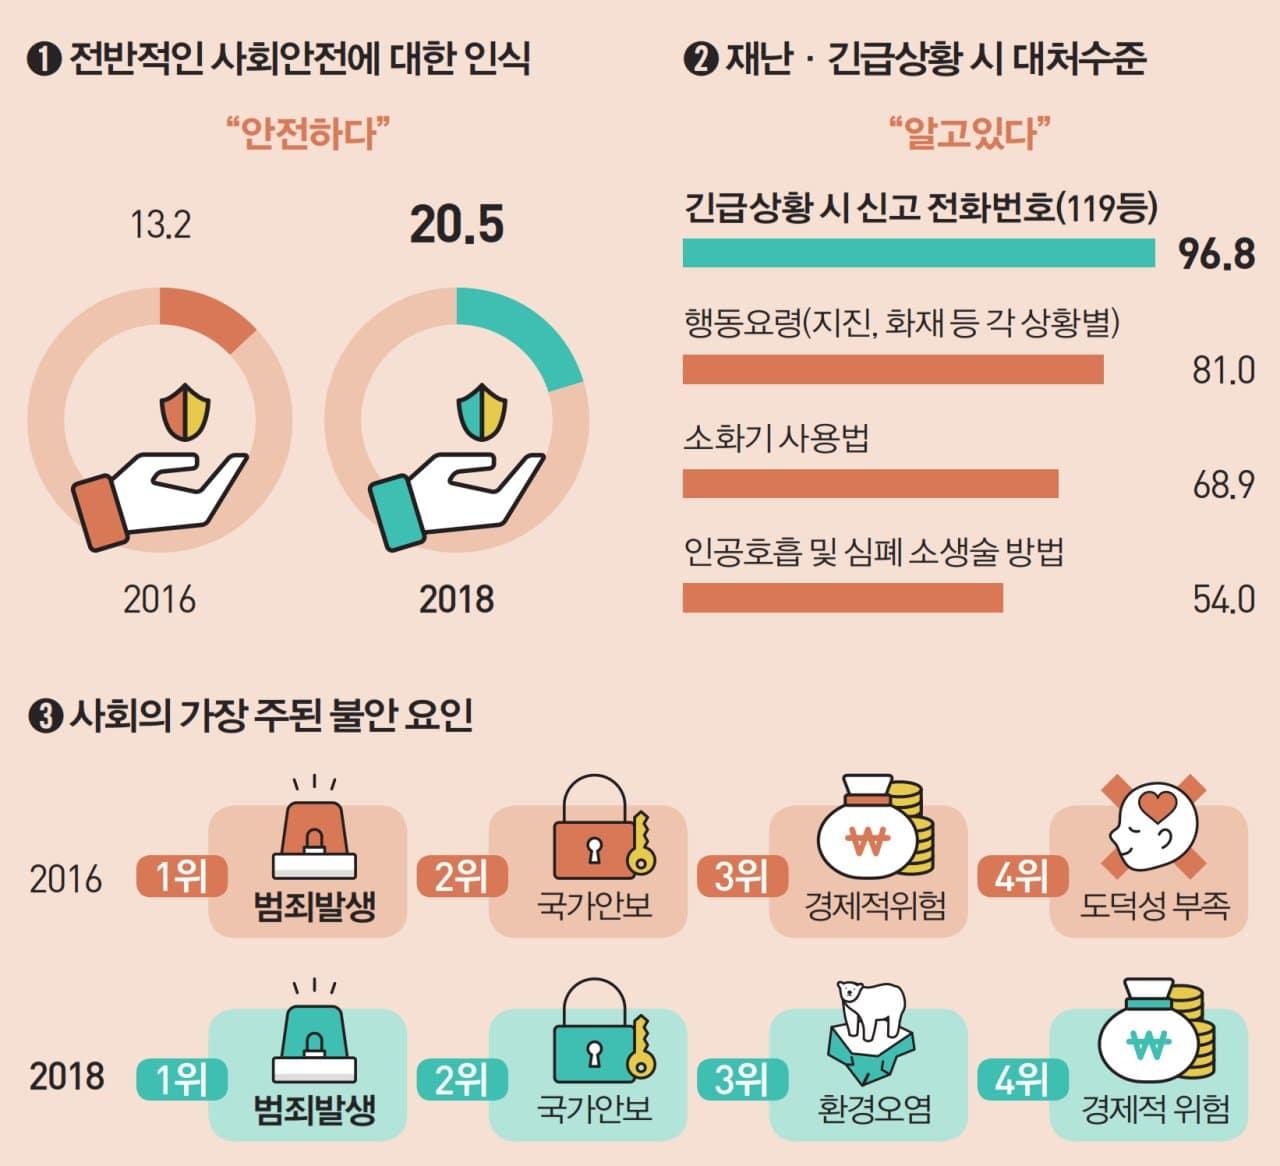 2018년 사회조사 결과 주요 트렌드 인포그래픽_안전 관련